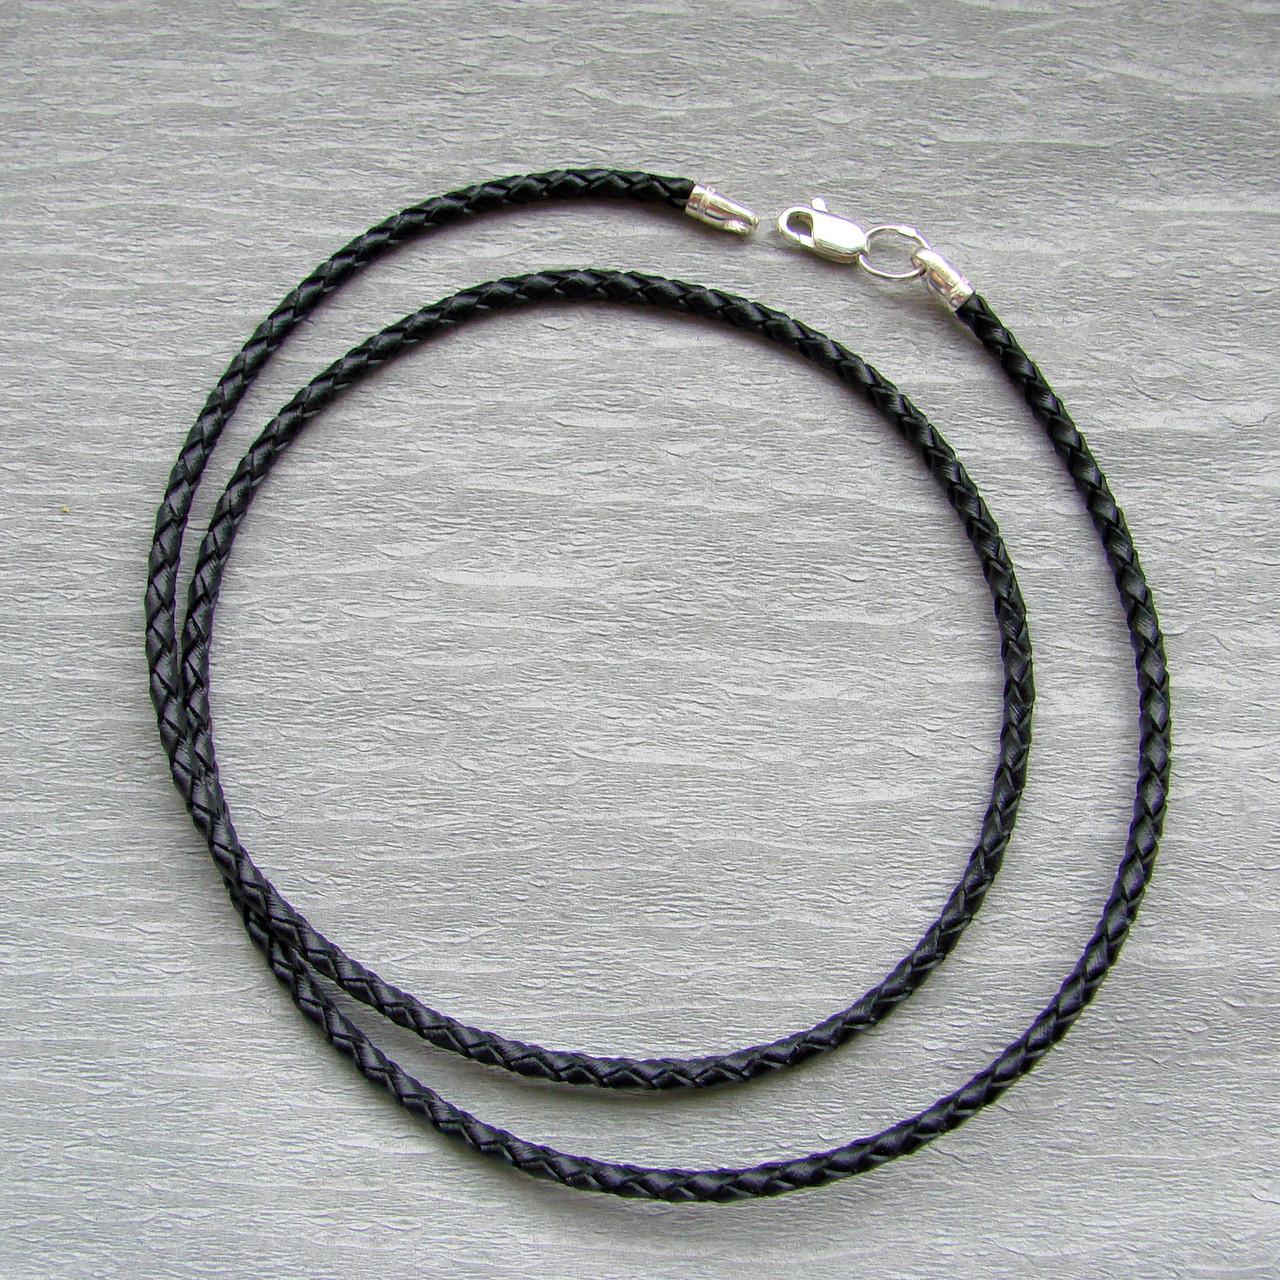 Шнурок черный плетенный из высококачественной натуральной кожи.